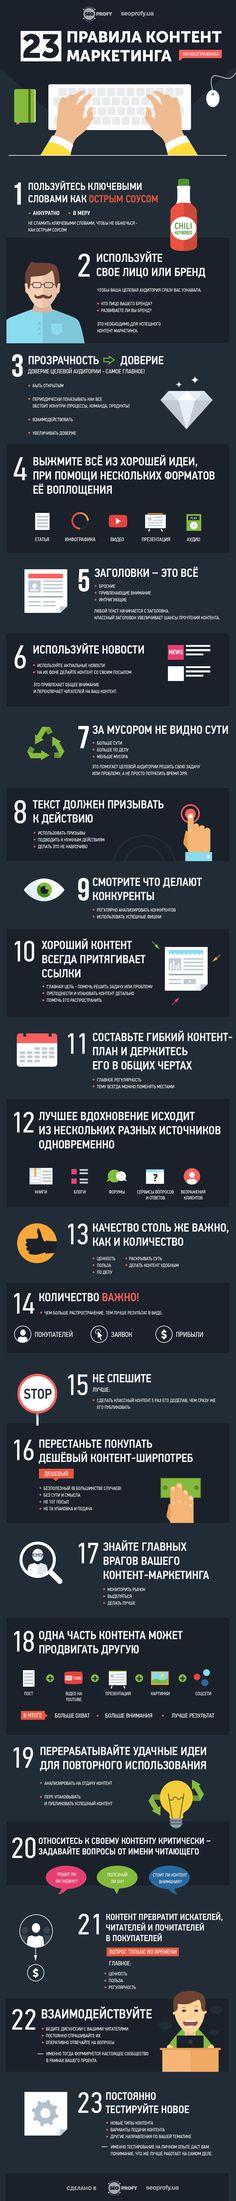 Инфографика: 23 правила контент маркетинга | SeoProfy.ua